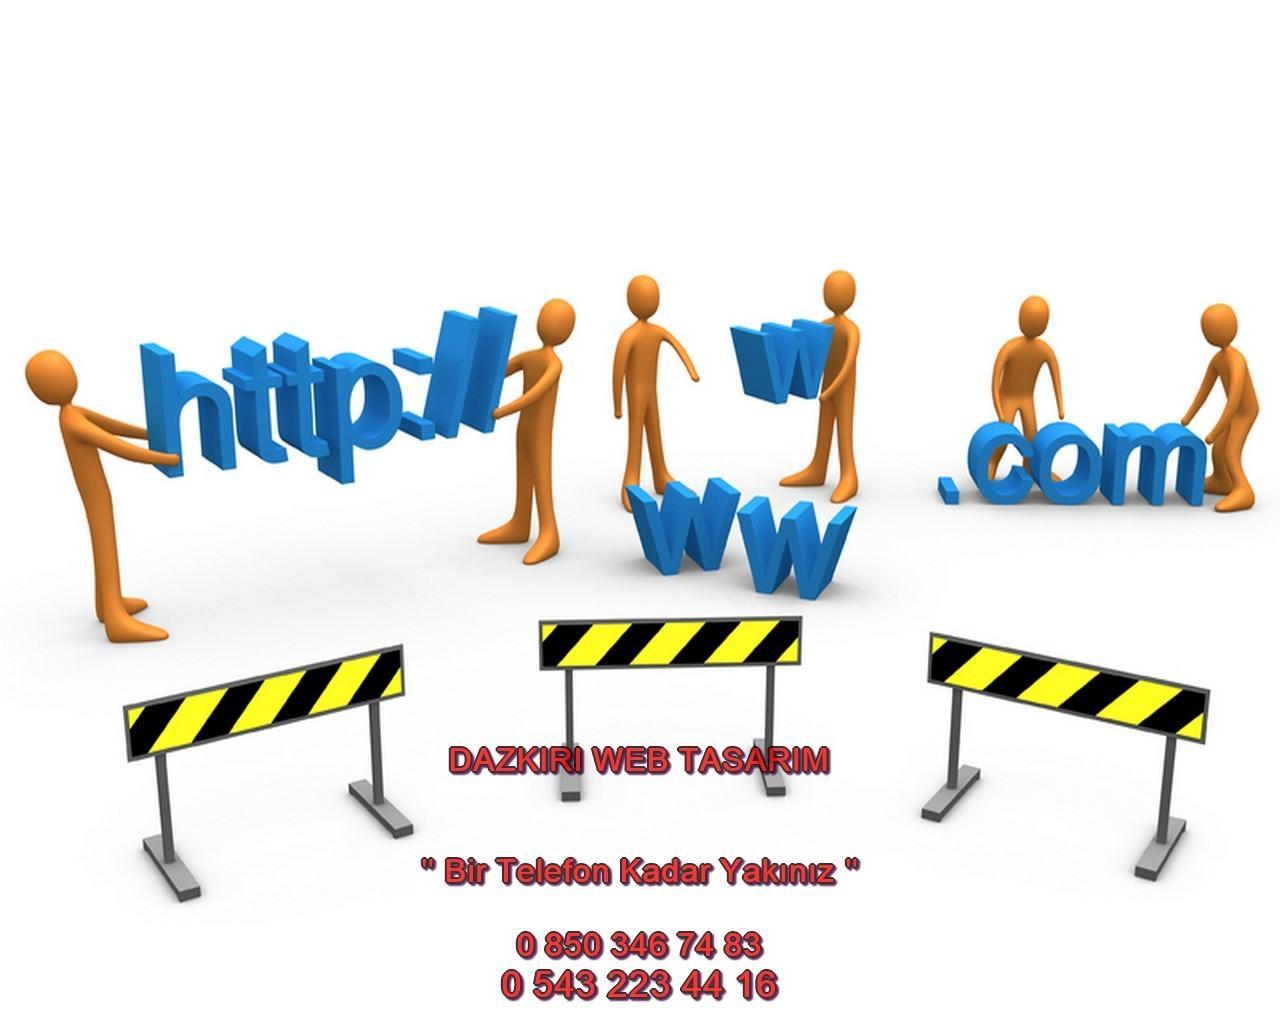 Dazkırı Web Tasarım